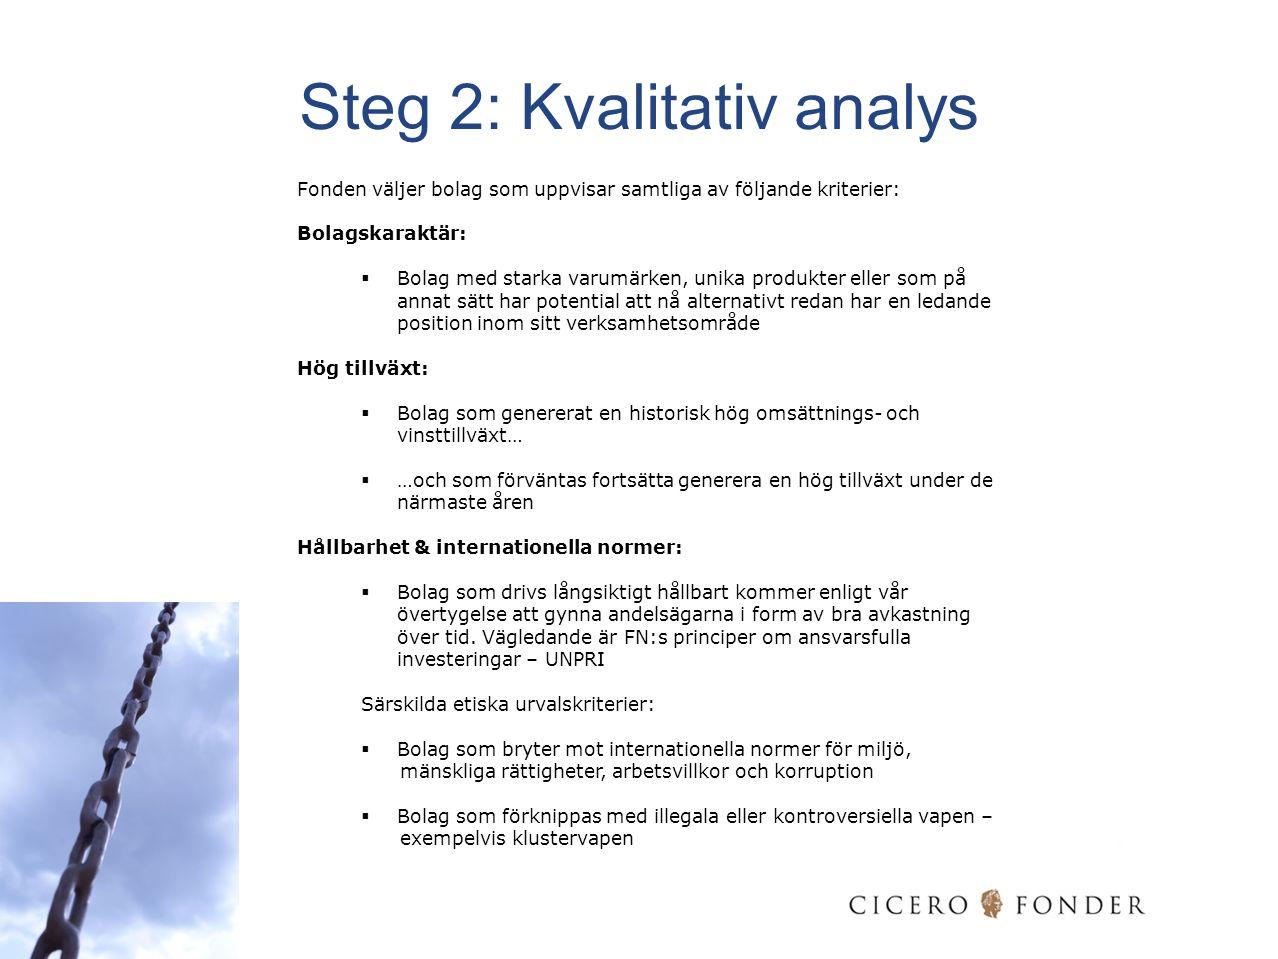 Steg 2: Kvalitativ analys